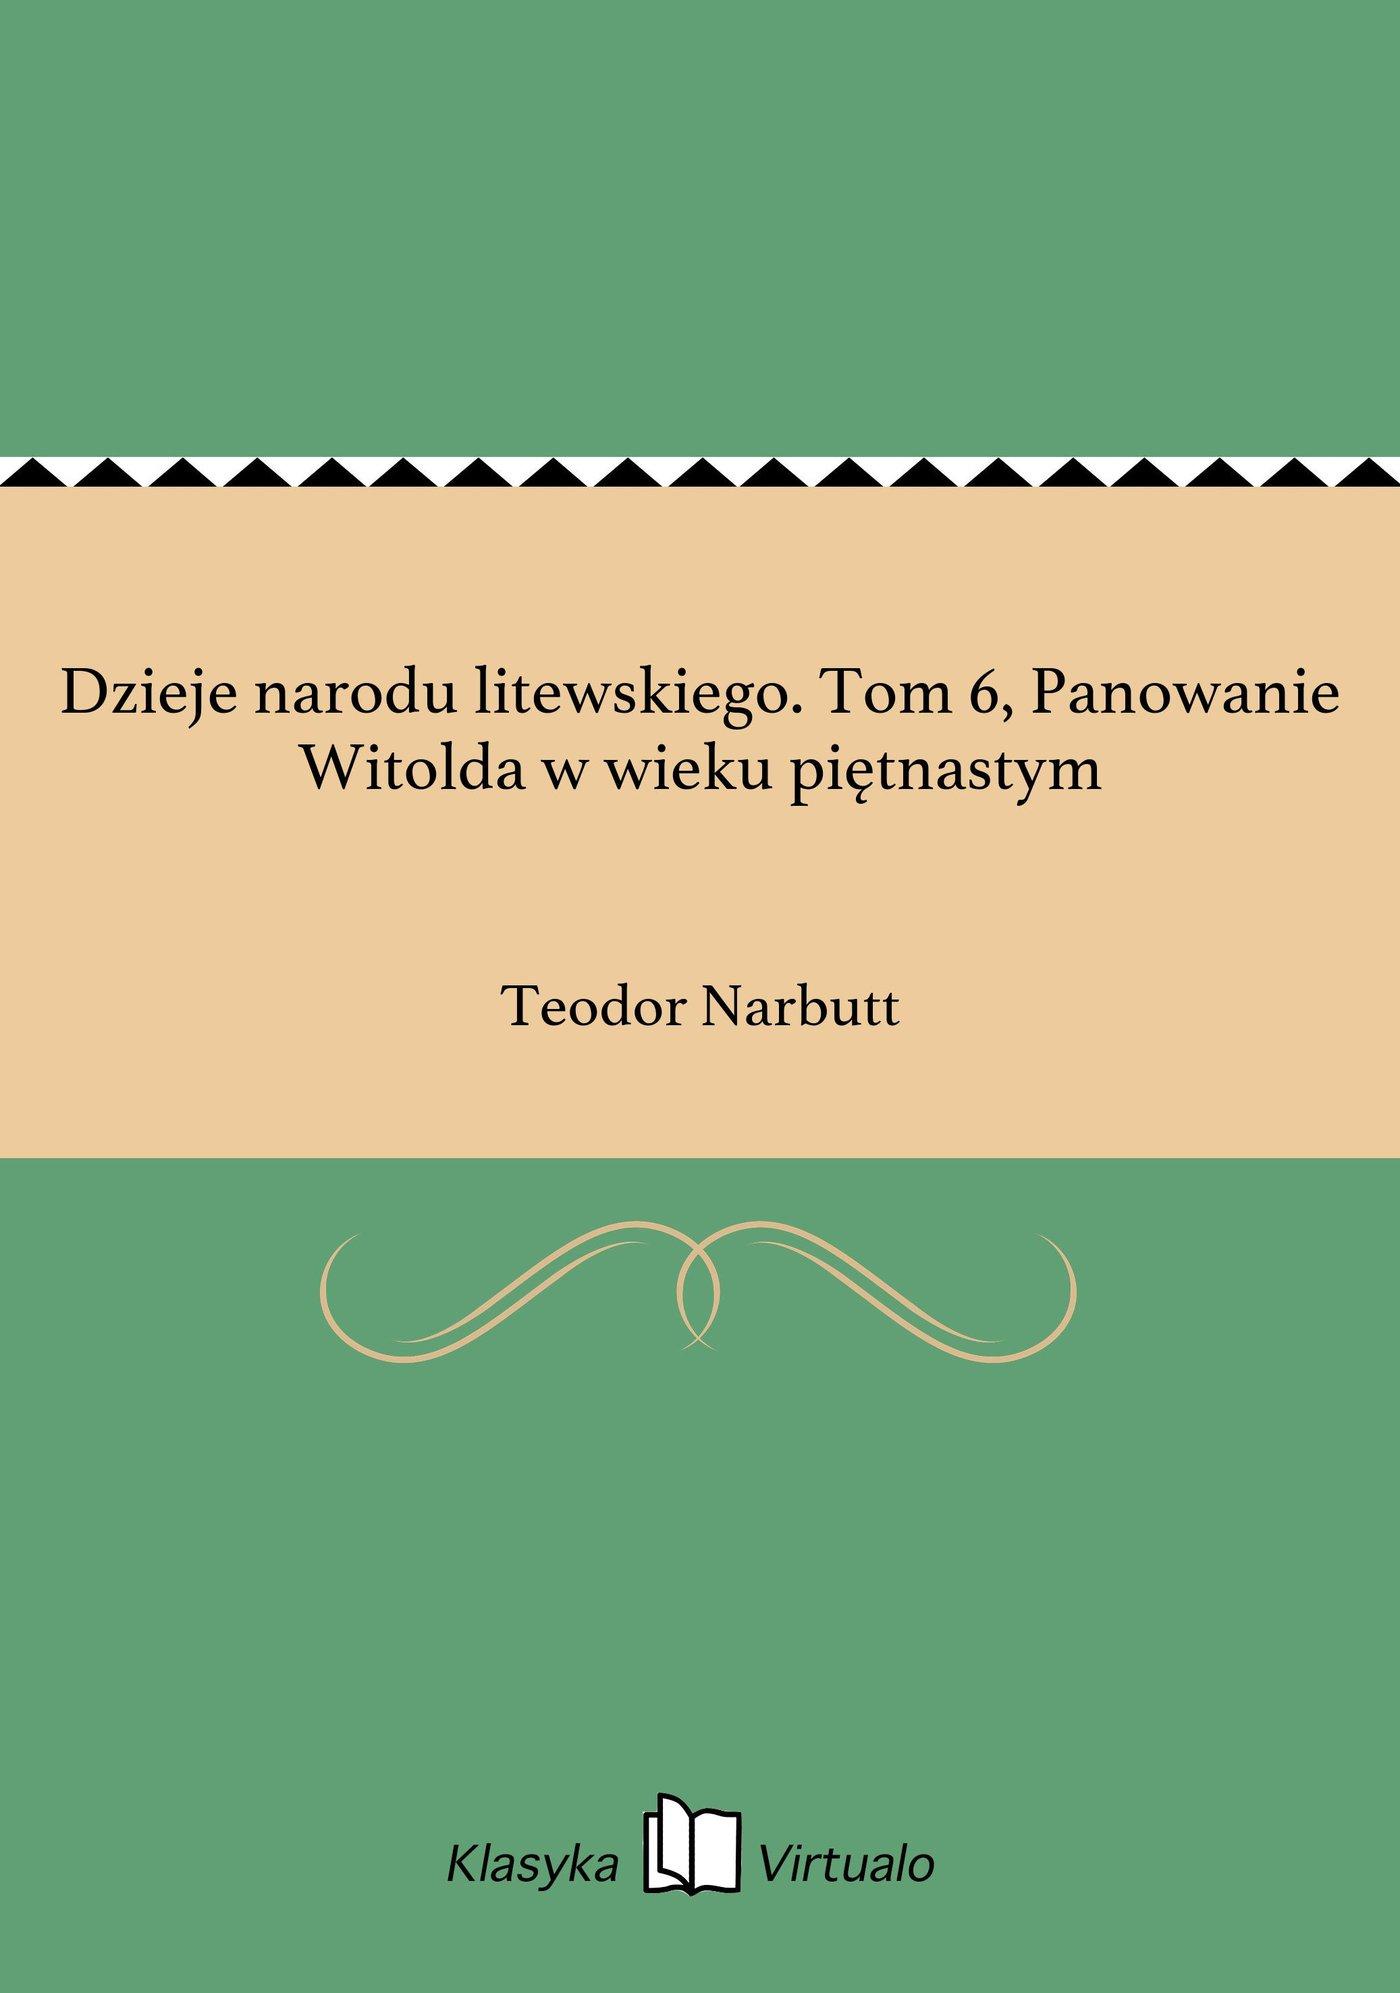 Dzieje narodu litewskiego. Tom 6, Panowanie Witolda w wieku piętnastym - Ebook (Książka EPUB) do pobrania w formacie EPUB